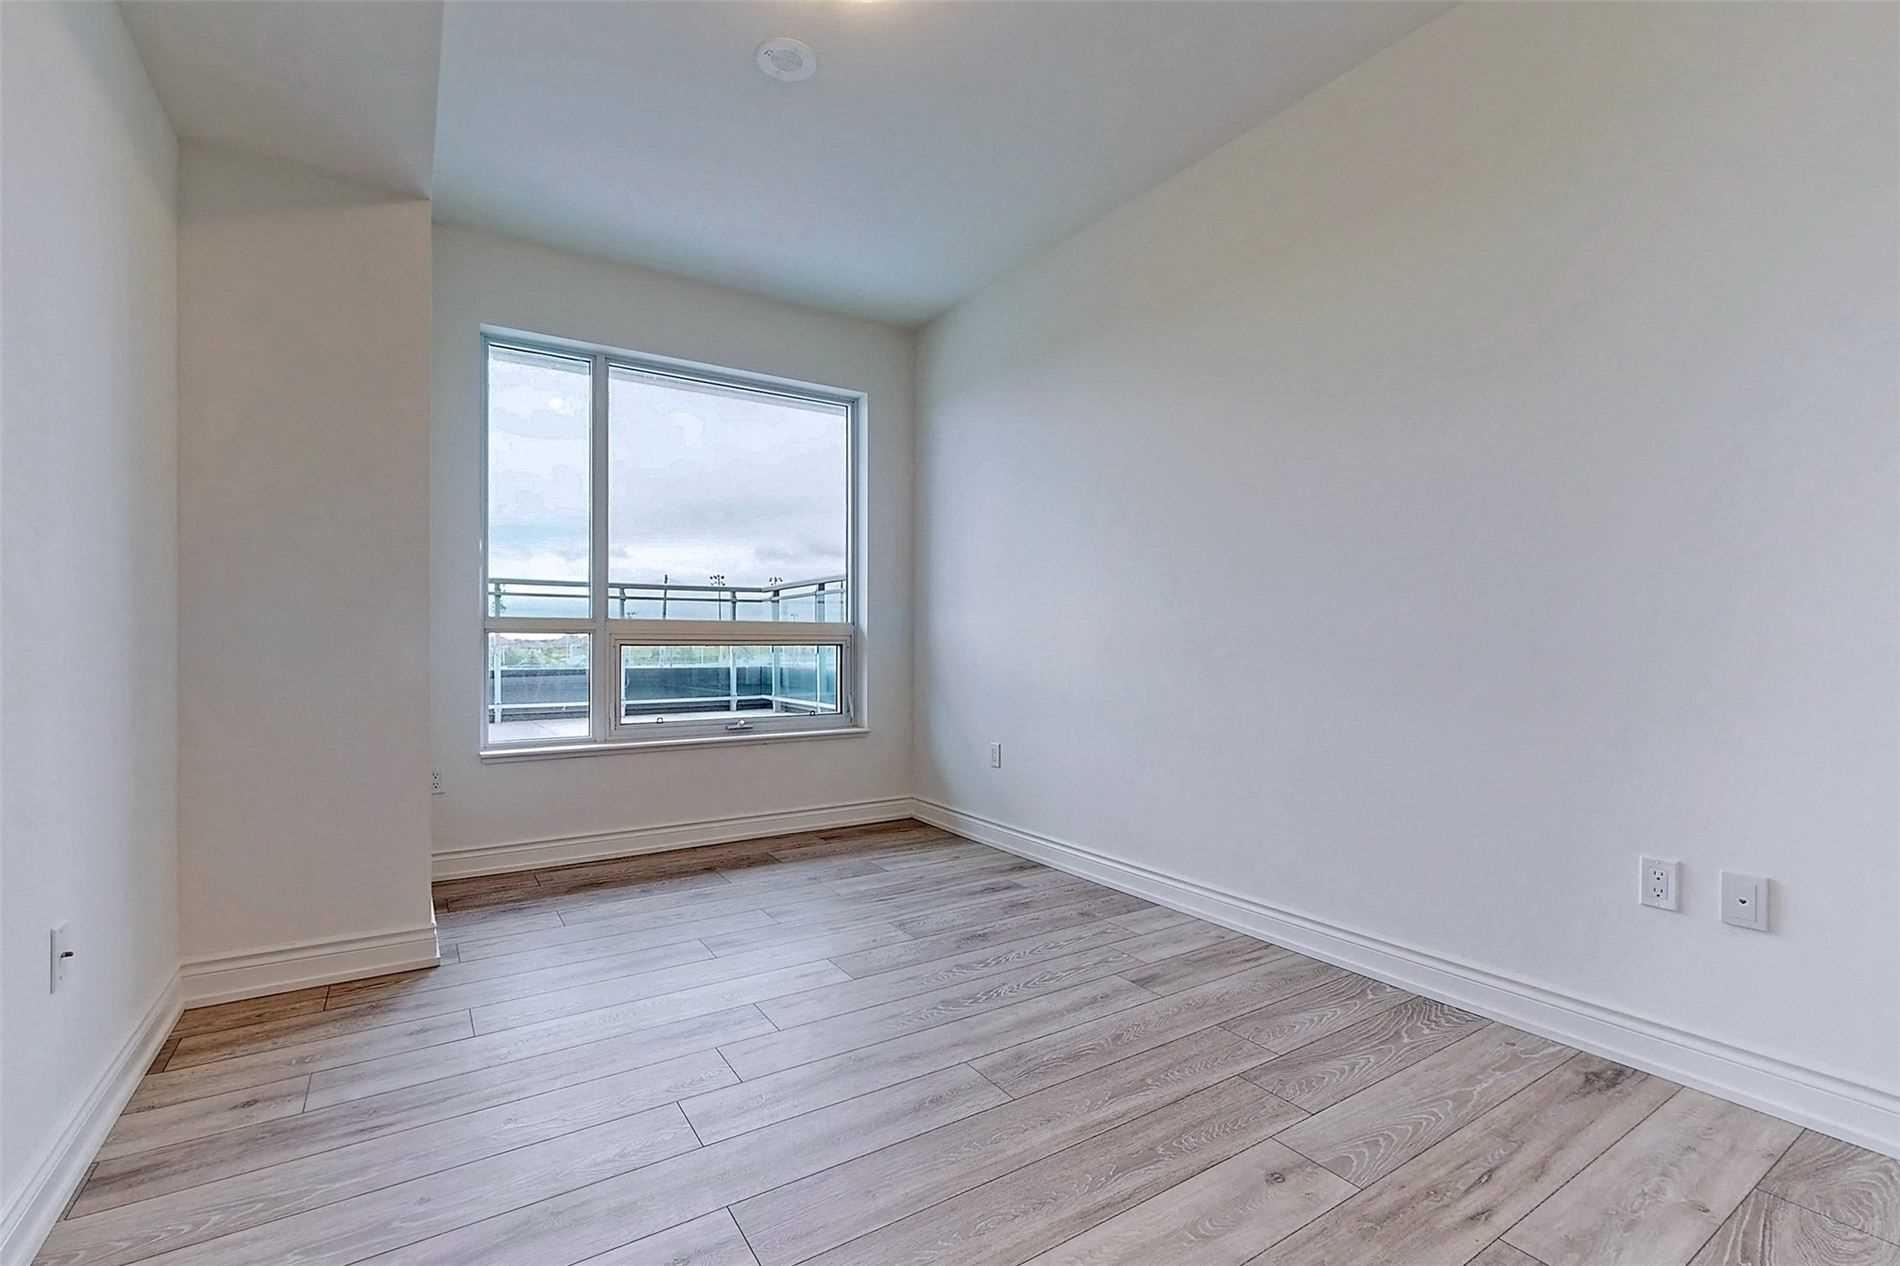 221 - 1050 Main St E - Dempsey Condo Apt for sale, 3 Bedrooms (W5398557) - #19